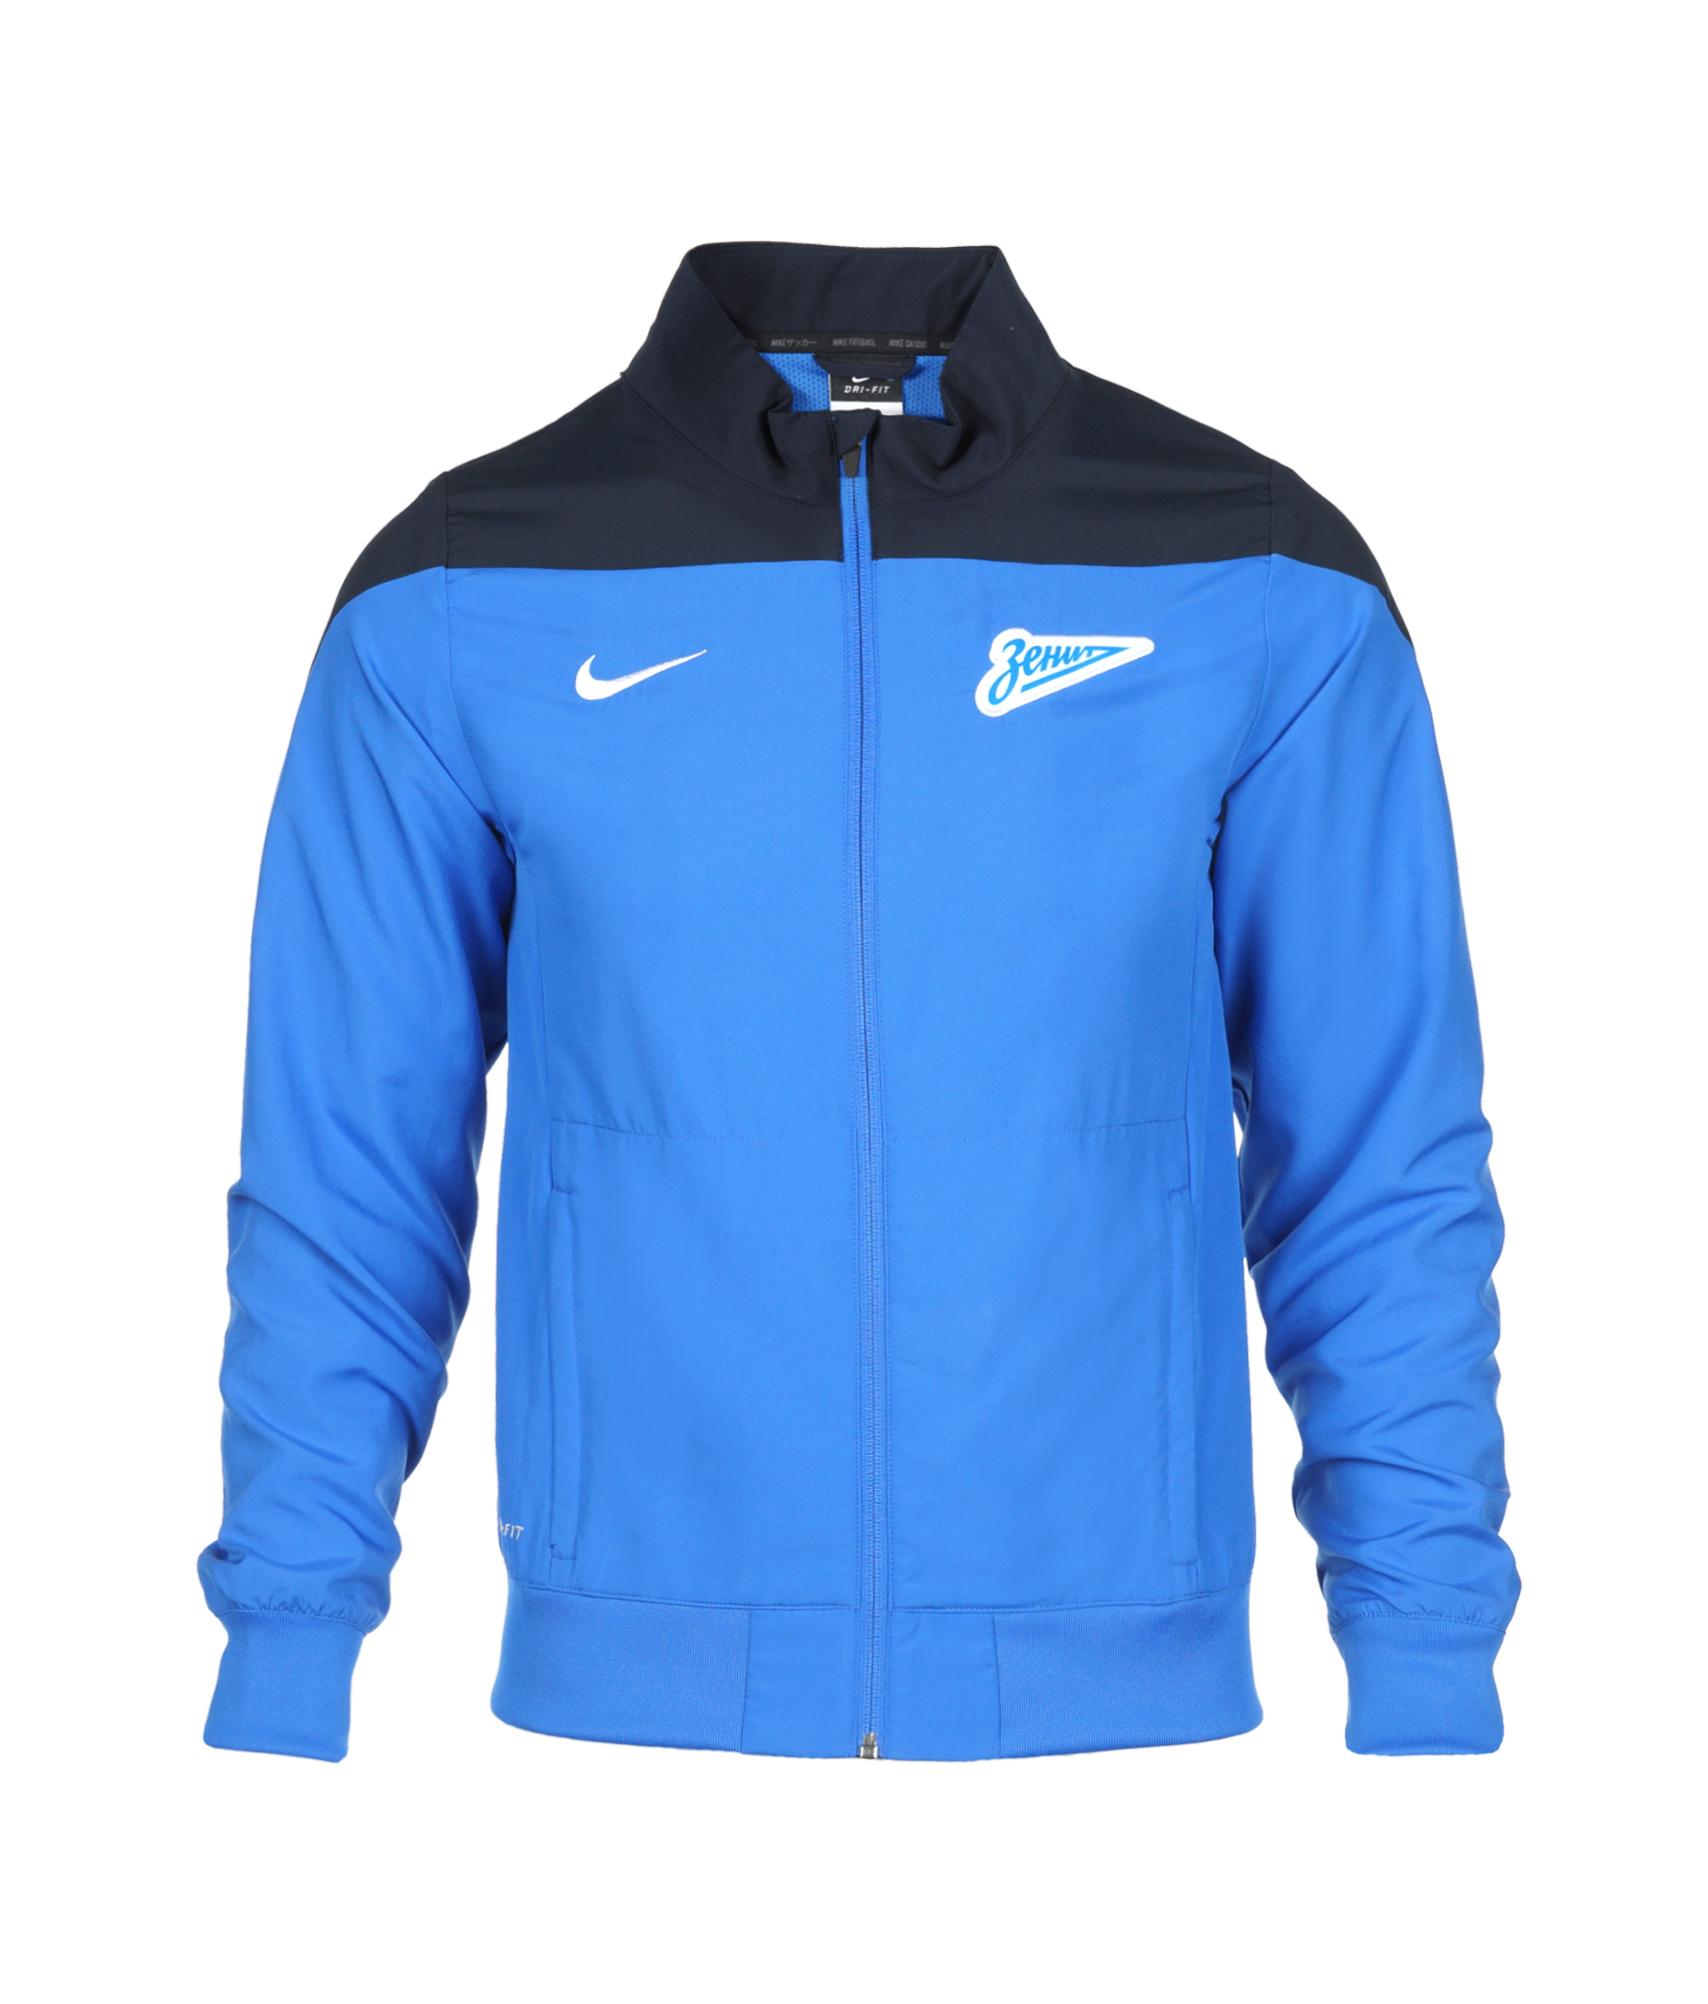 Куртка от костюма SQUAD SDLN WVN JKT, Цвет-Темно-Синий, Размер-XL